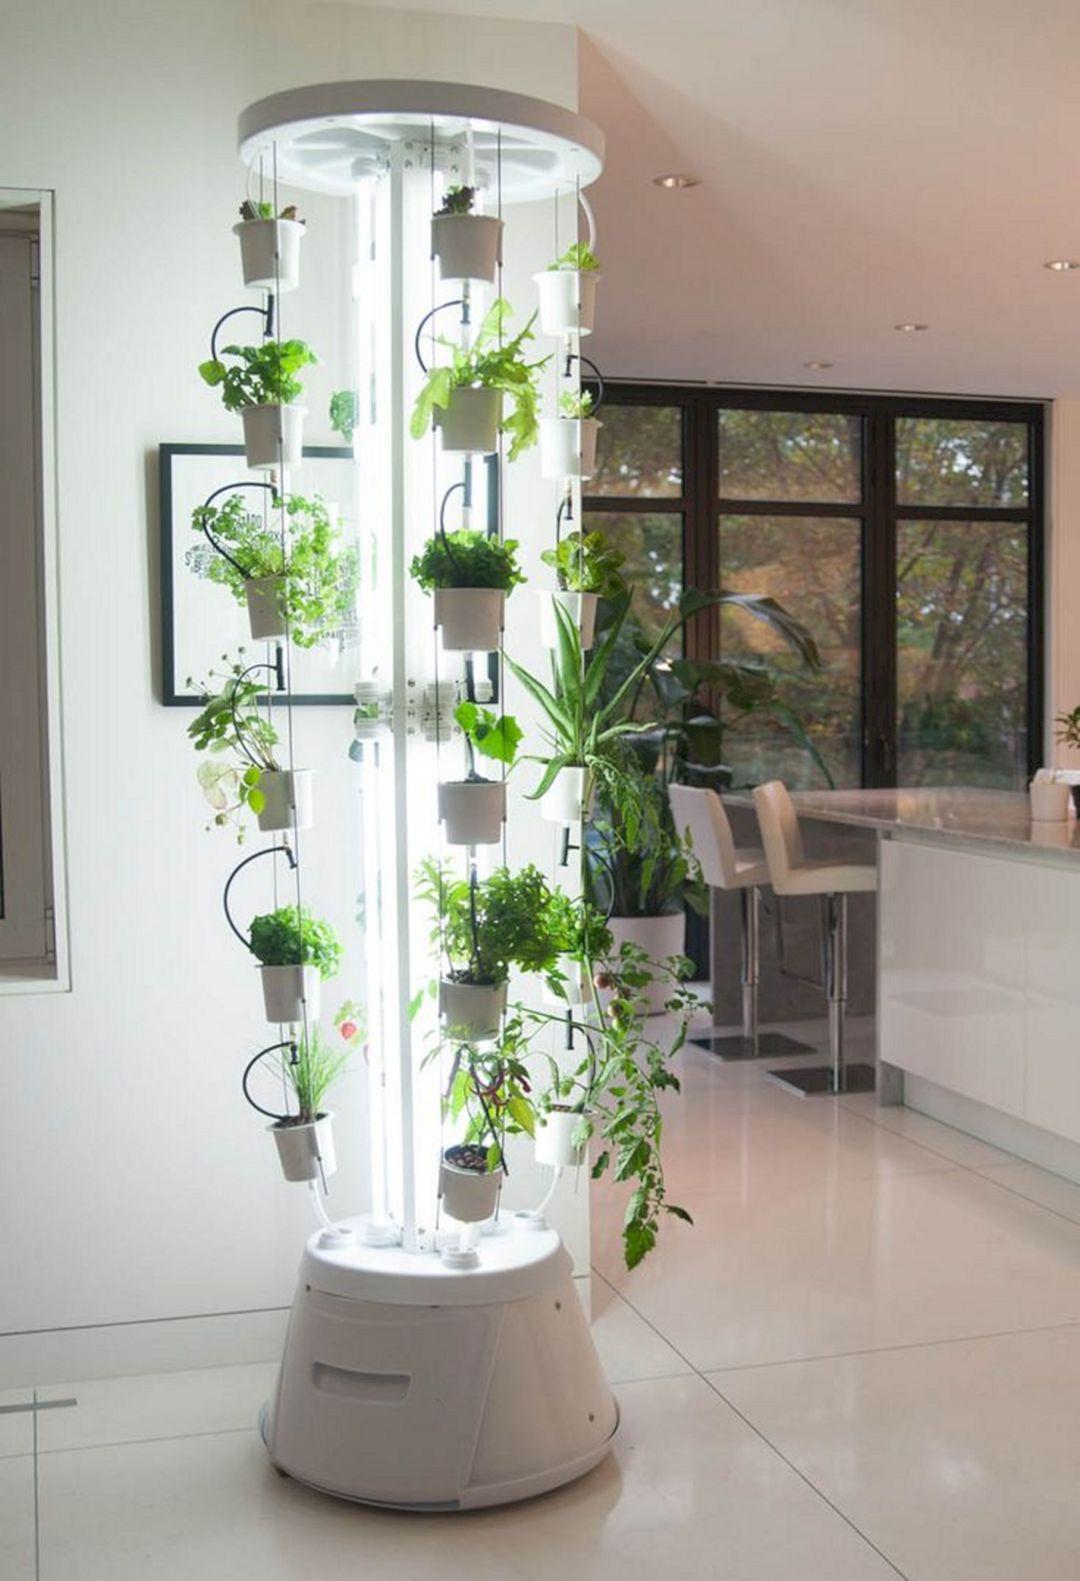 indoor hydroponic wall garden 12 with images indoor on indoor vertical garden wall diy id=17470